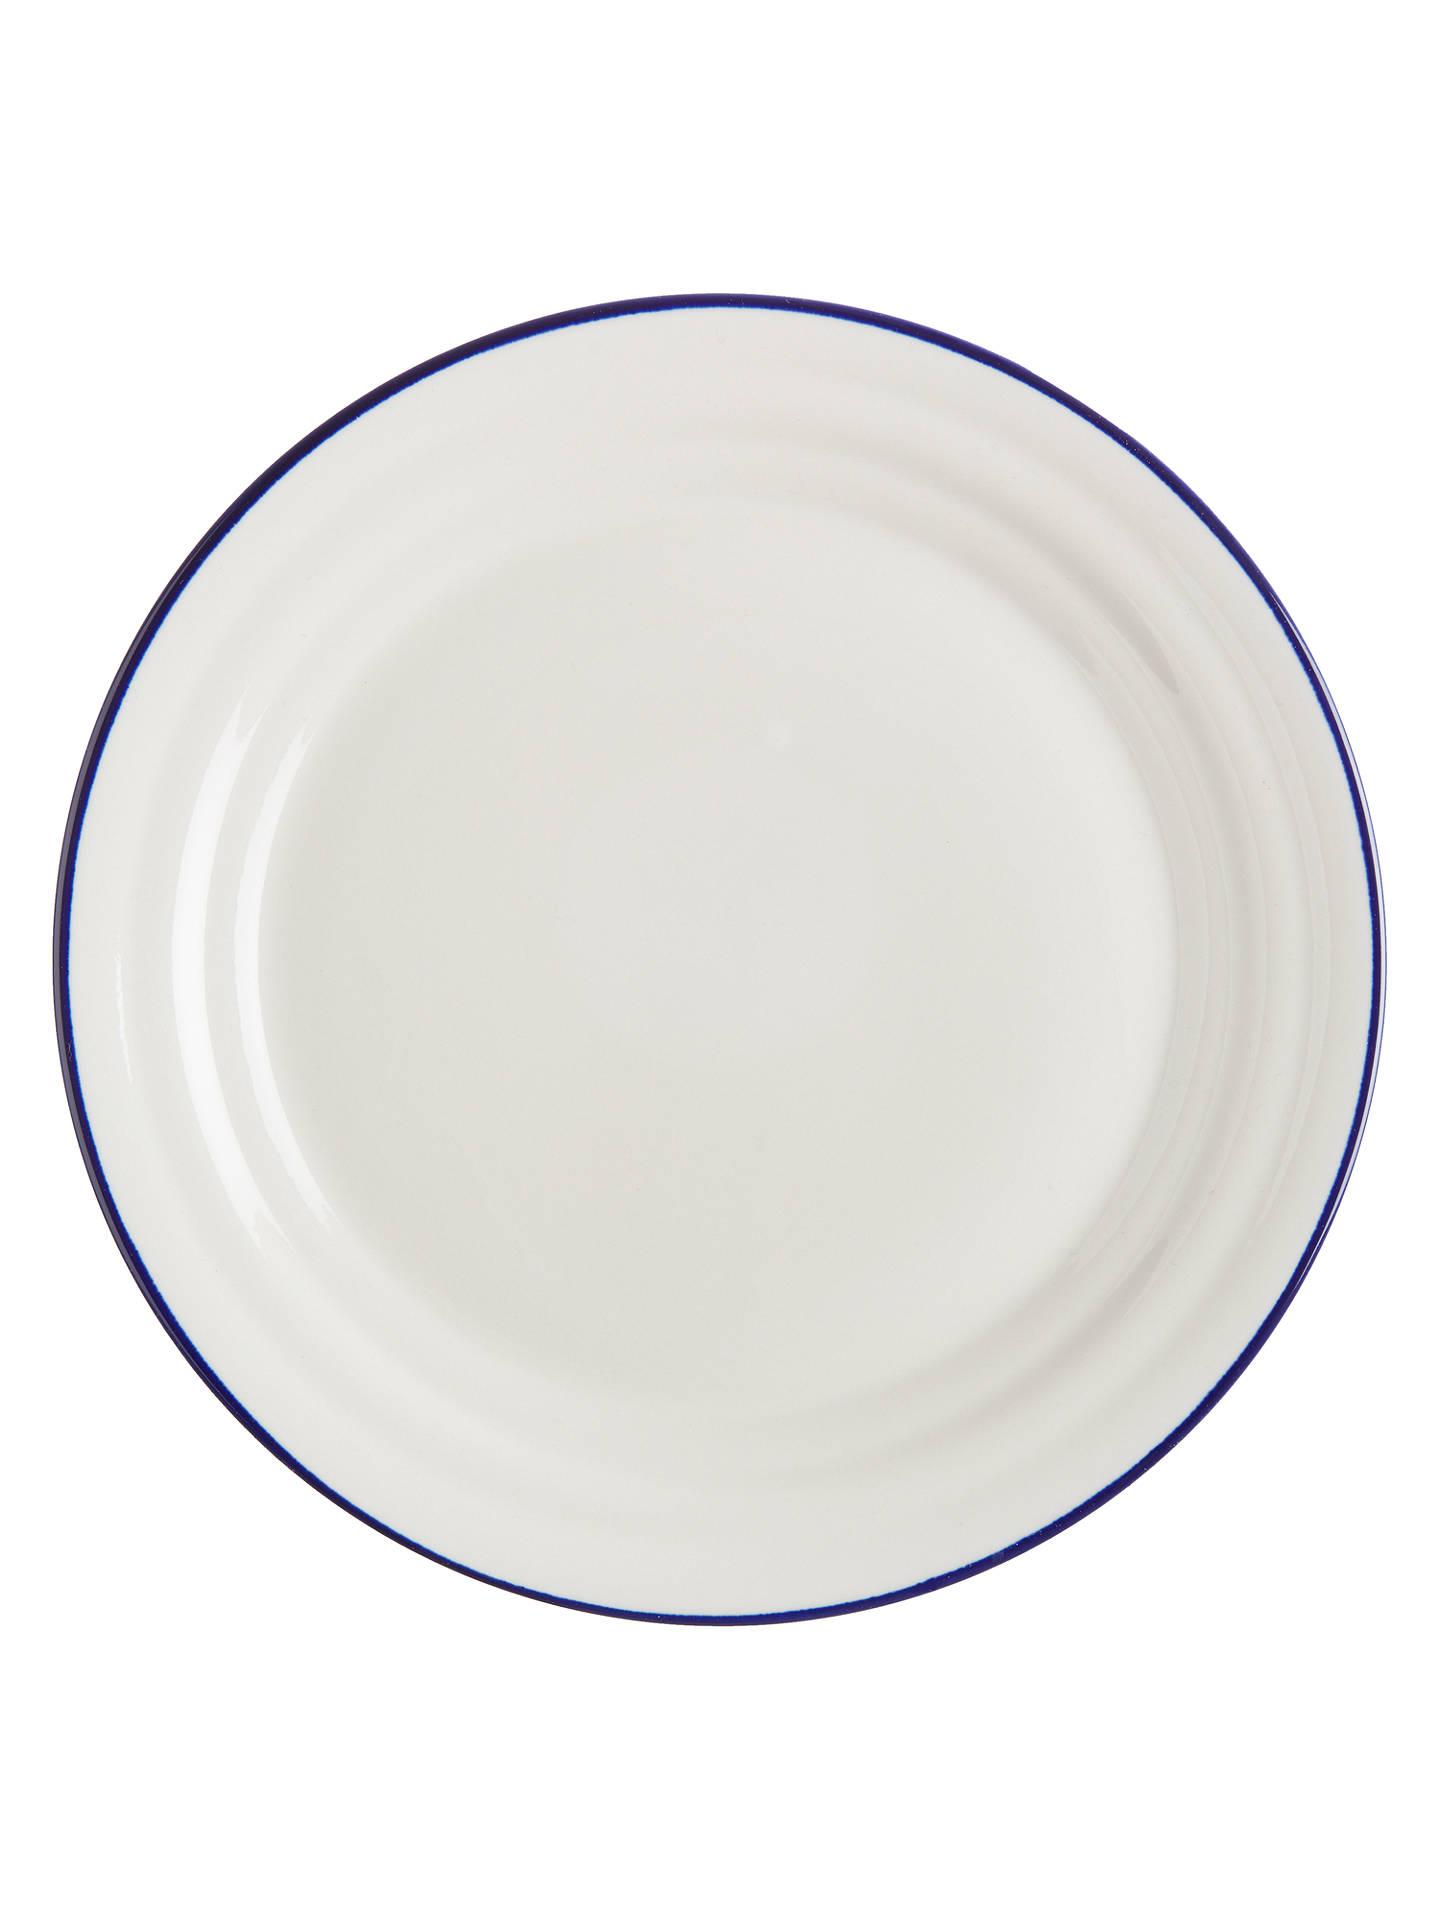 john lewis partners harbour blue rim dinner plate white blue dia